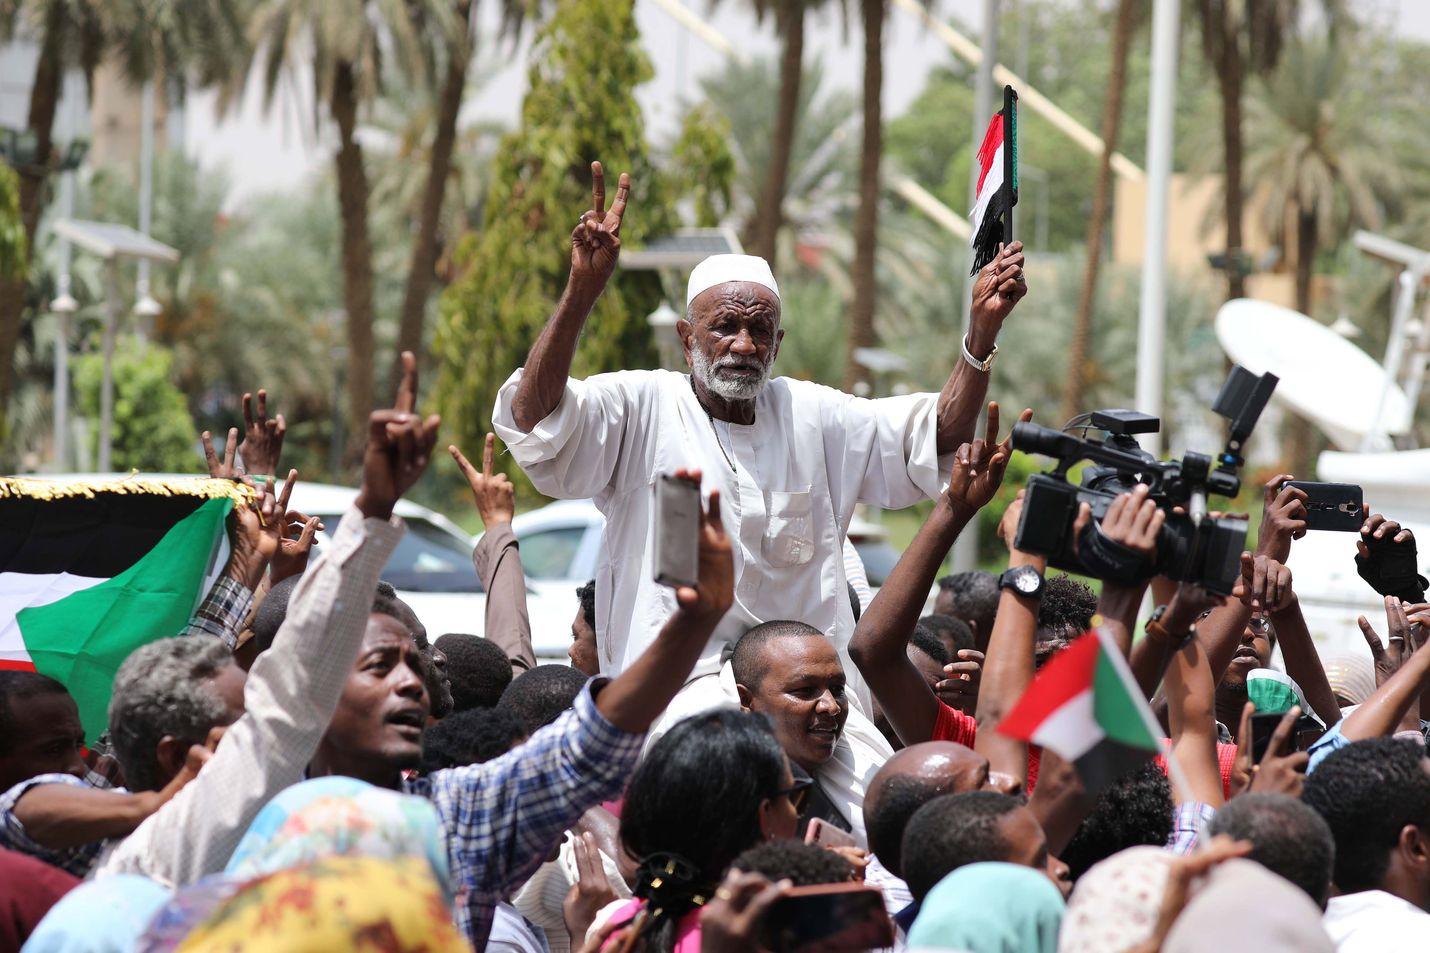 Juhlatunnelma täytti Sudanin kaupunkien kadut, kun tieto armeijan ja opposition perustuslaillisen julistuksen sovusta levisi.